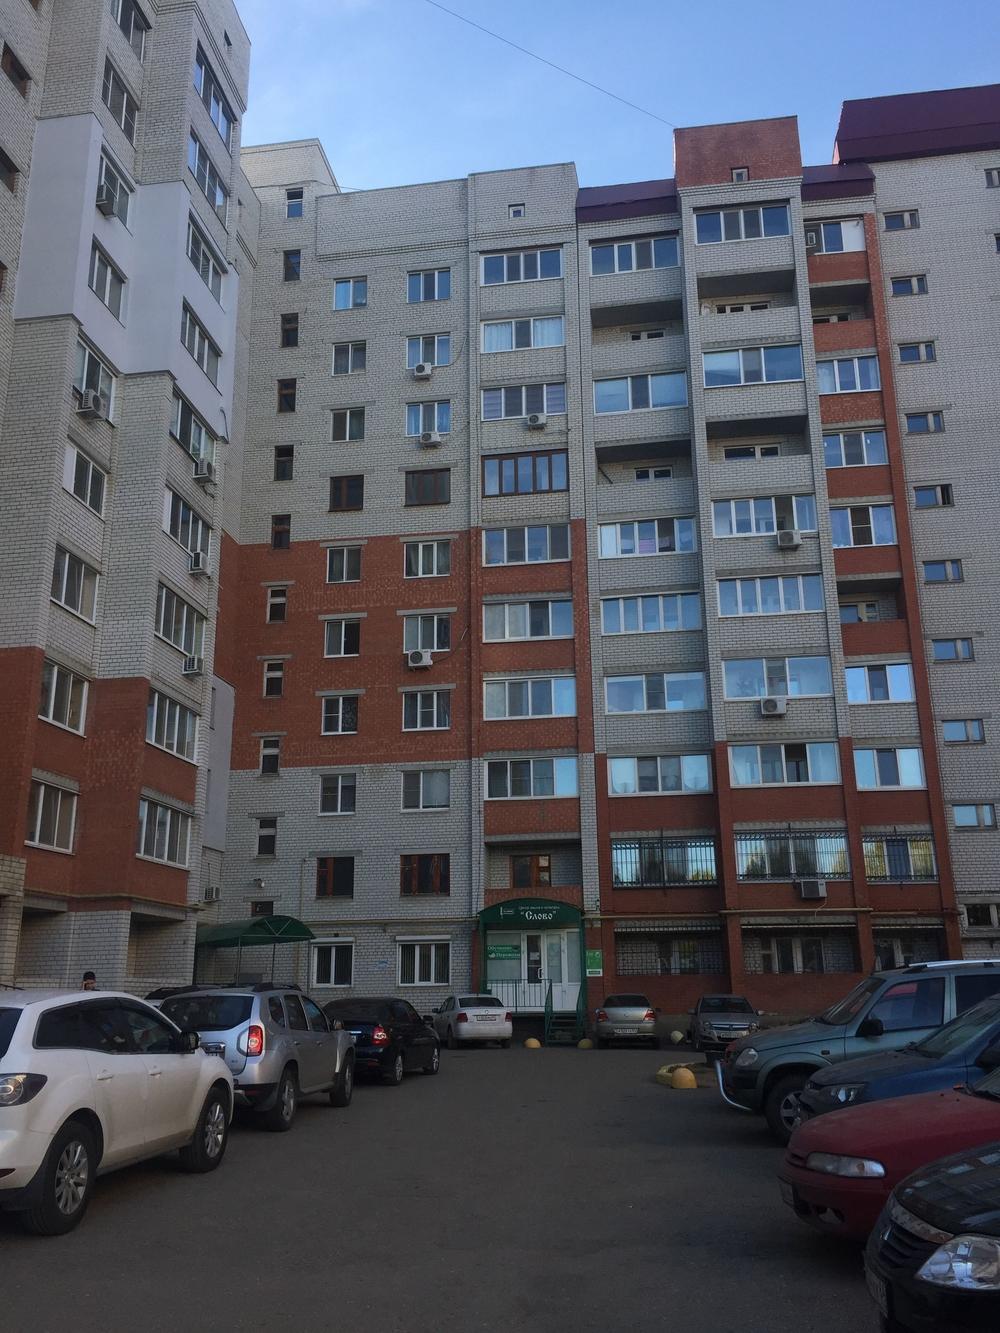 Продам 3-комнатную квартиру в городе Саратов, на улице Чехова, 6, 2-этаж 10-этажного Кирпич дома, площадь: 78/0/0 м2